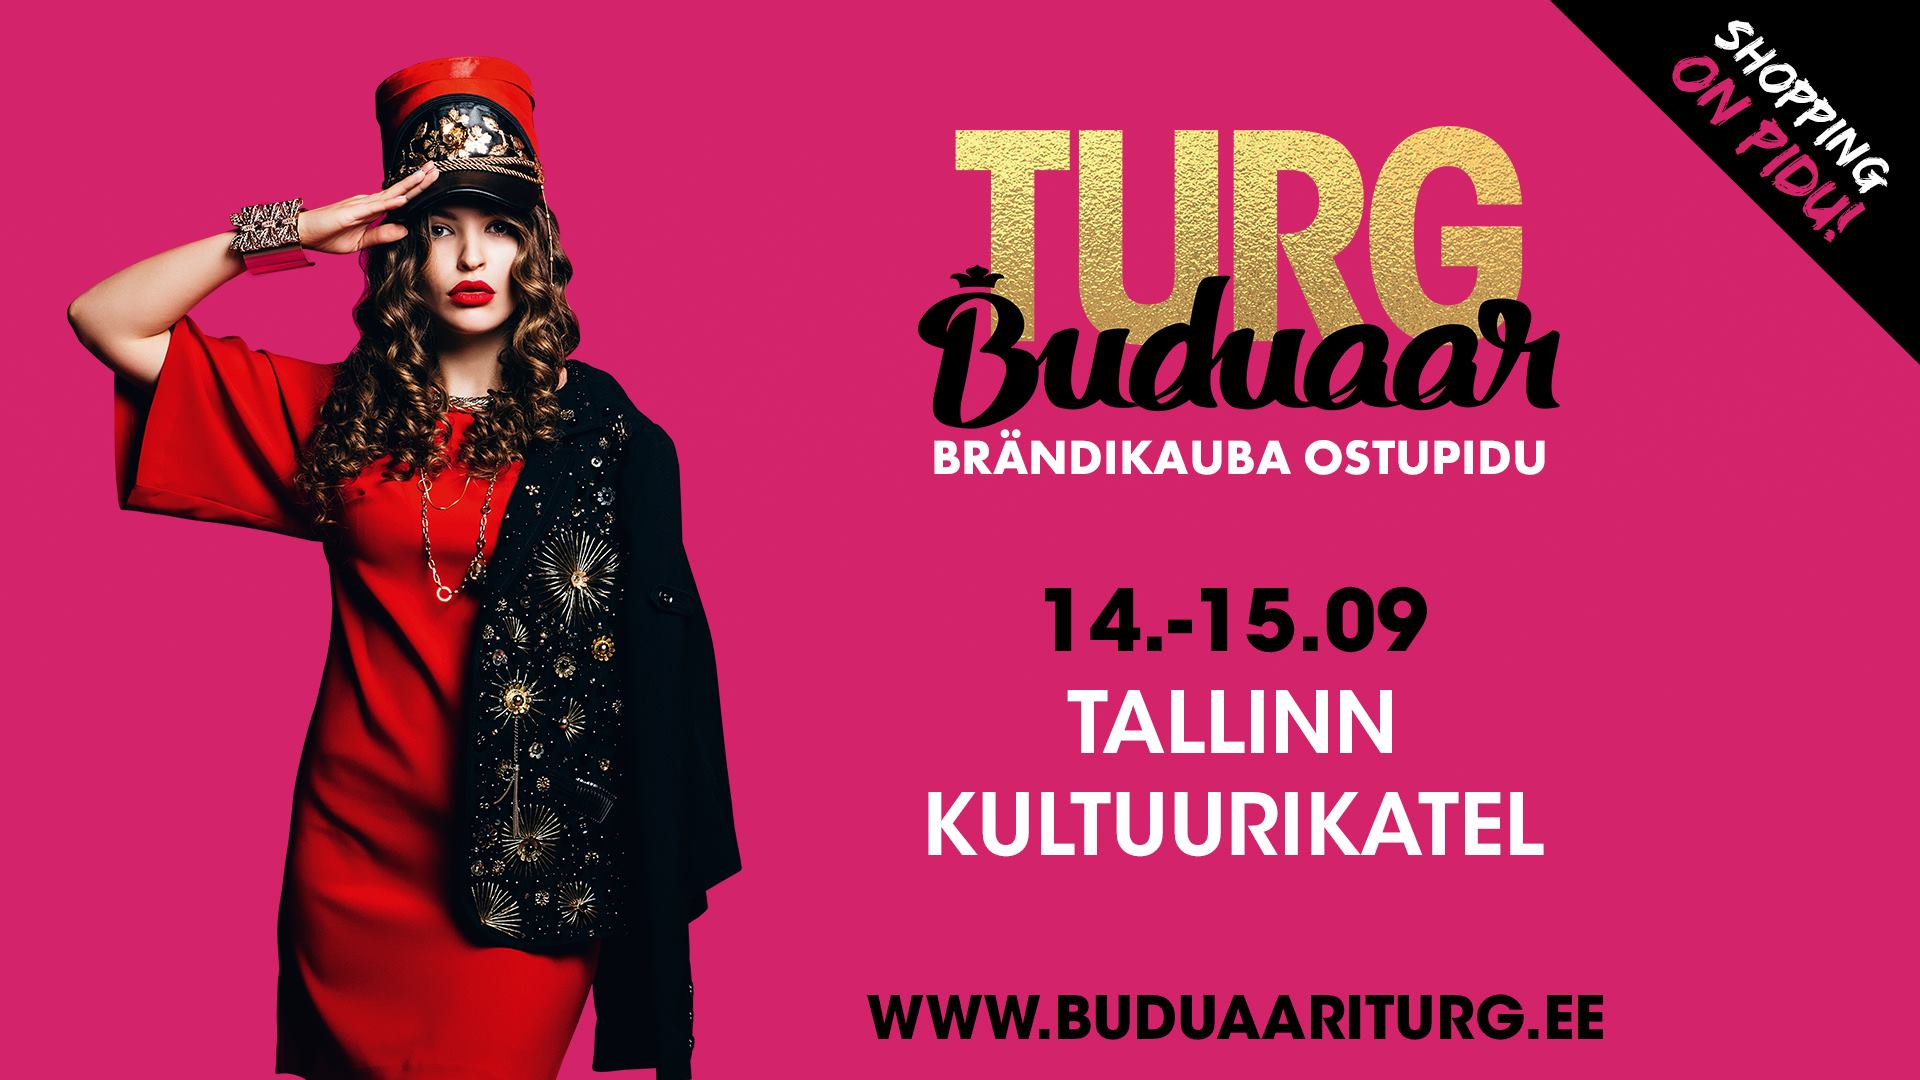 4a86e81e795 Buduaari turg Tallinnas - Kultuurikatel